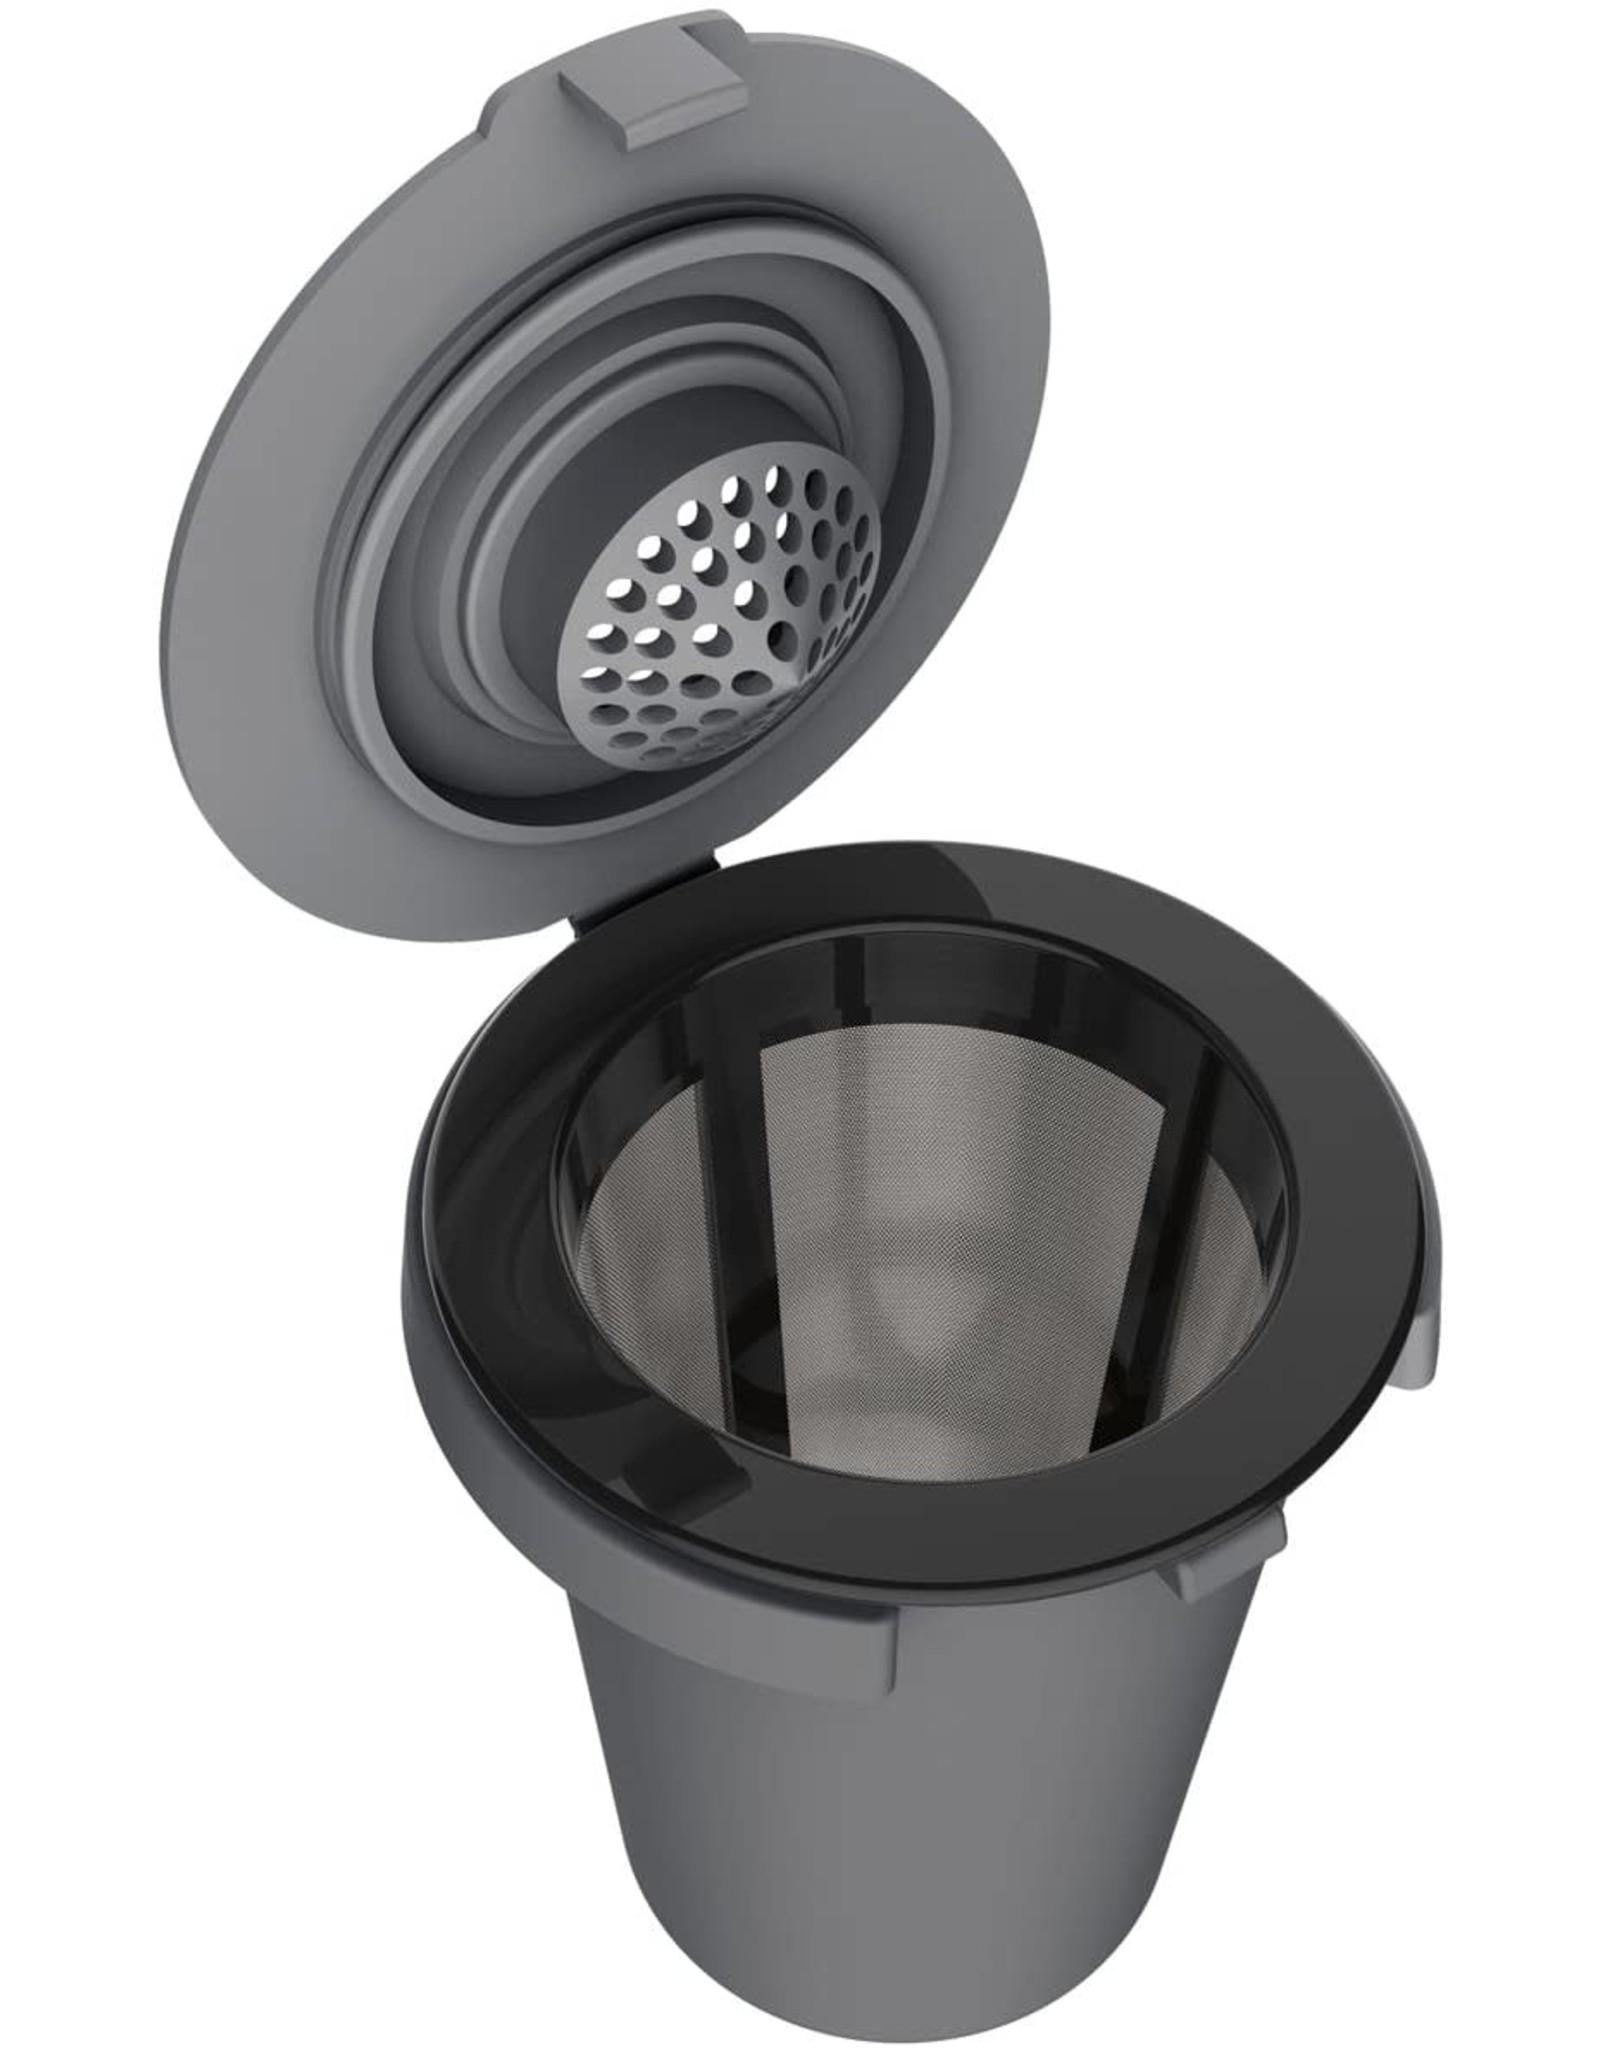 Cuisinart HomeBarista Reusable Filter Cup  CUISINART